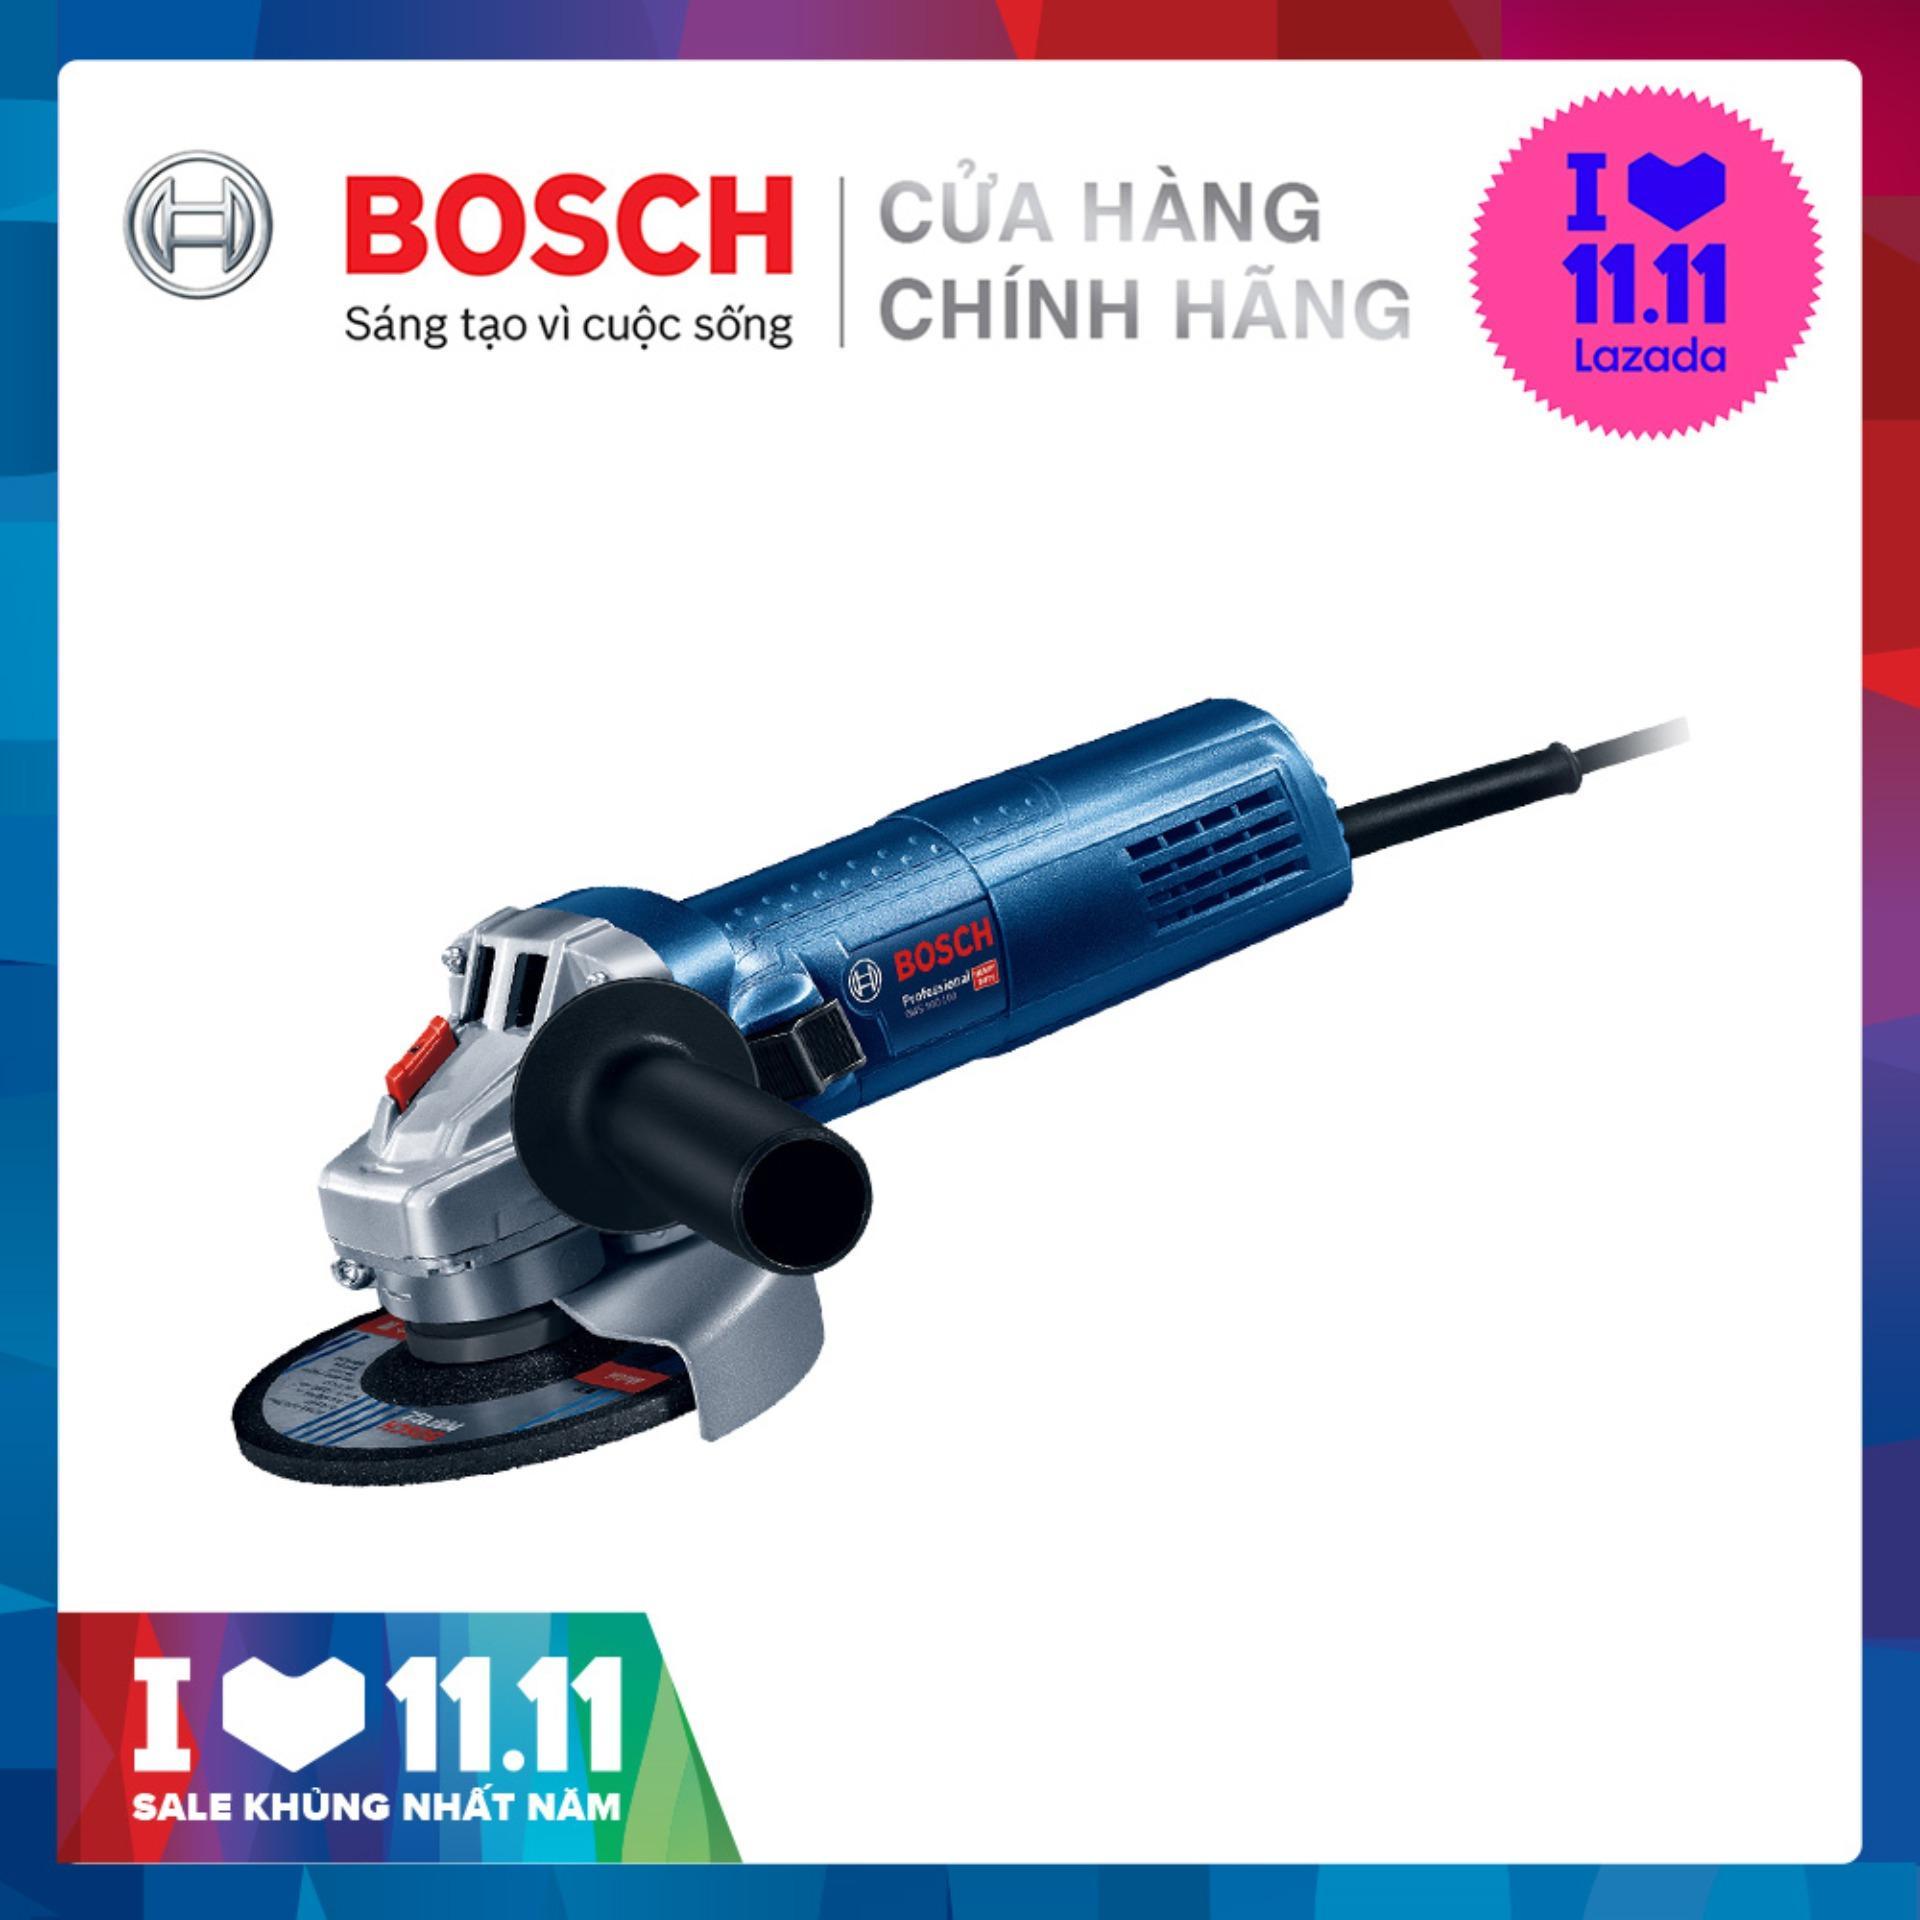 Máy mài góc Bosch GWS 750-100 Freedom set (kèm 2 đĩa kim cương, 1 cặp than, hộp dụng cụ)